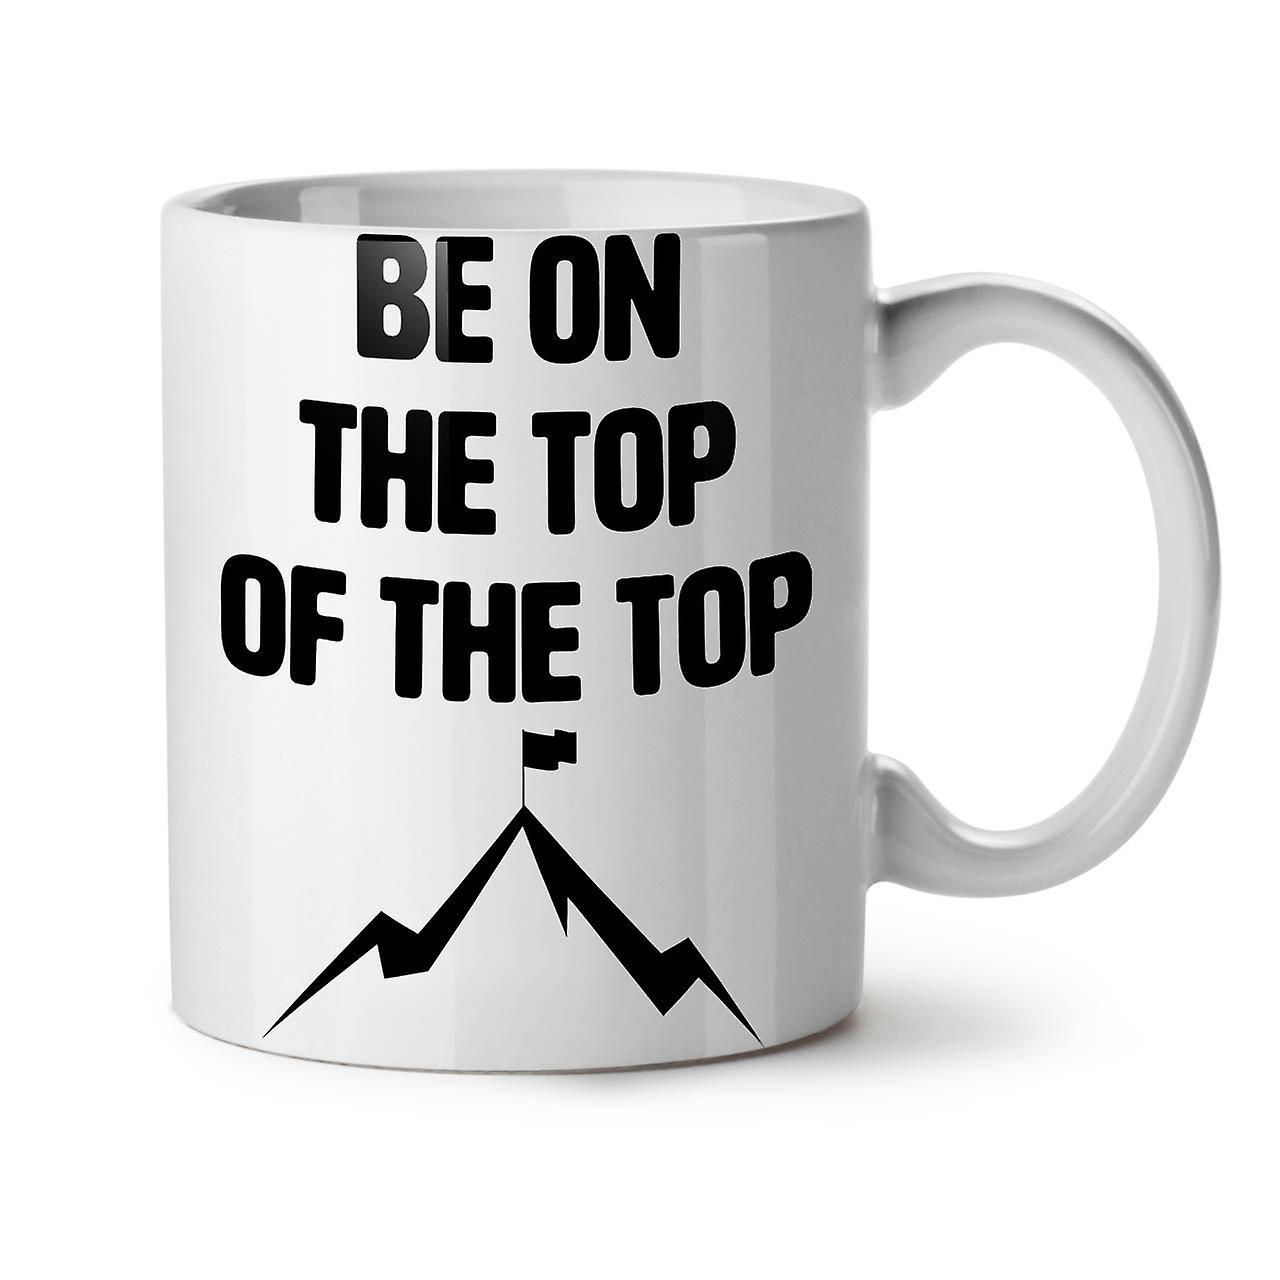 11 OzWellcoda Nouveau Motivation Gym Thé Blanc Top Tasse Céramique Café jLqS54R3cA